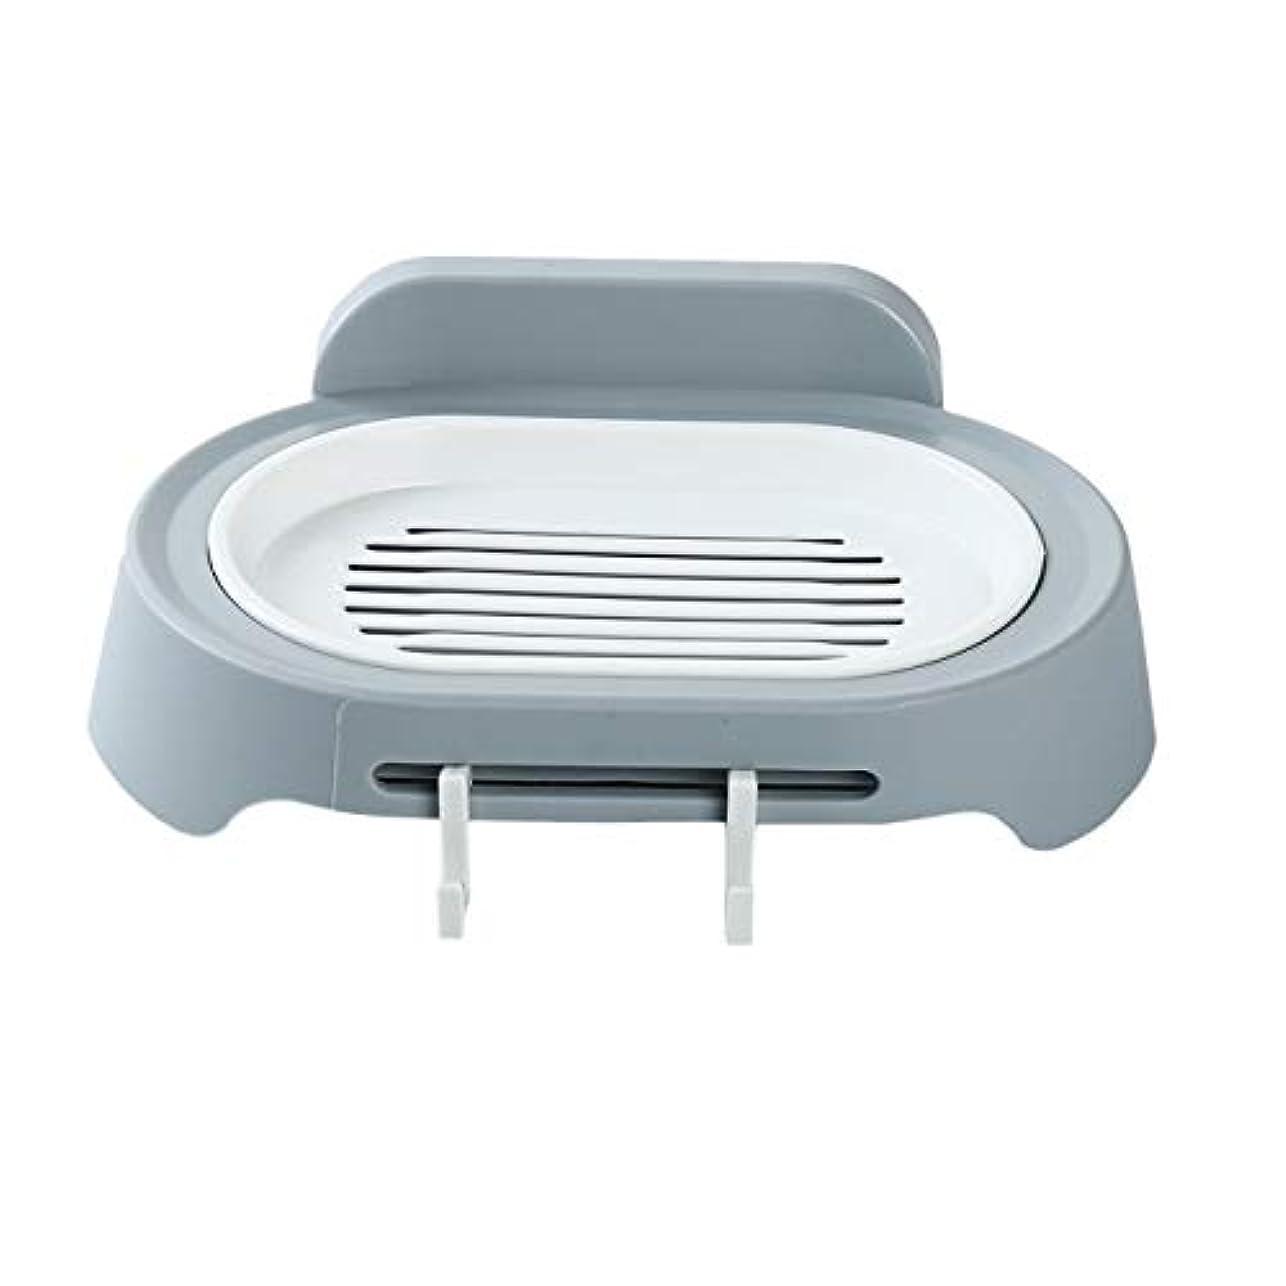 ポーチメーカー芸術的ZALING 灰色のホックが付いているの浴室の石鹸の貯蔵の吸引の壁に取り付けられた石鹸のオルガナイザー